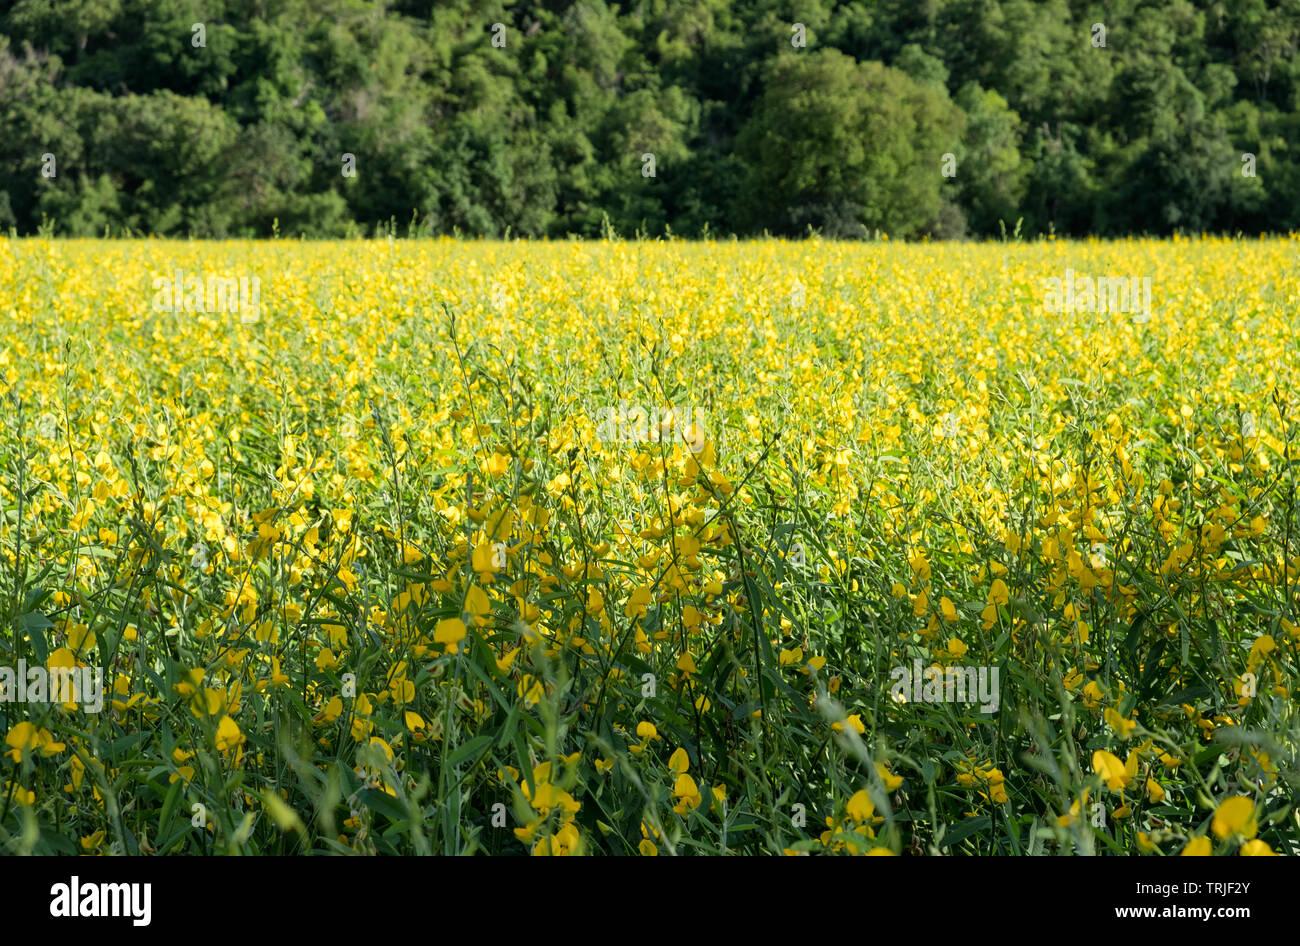 Sunn Hanf, Chanvre Indien, CROTALARIA JUNCEA gelbe Blüten im grünen Bereich Stockbild